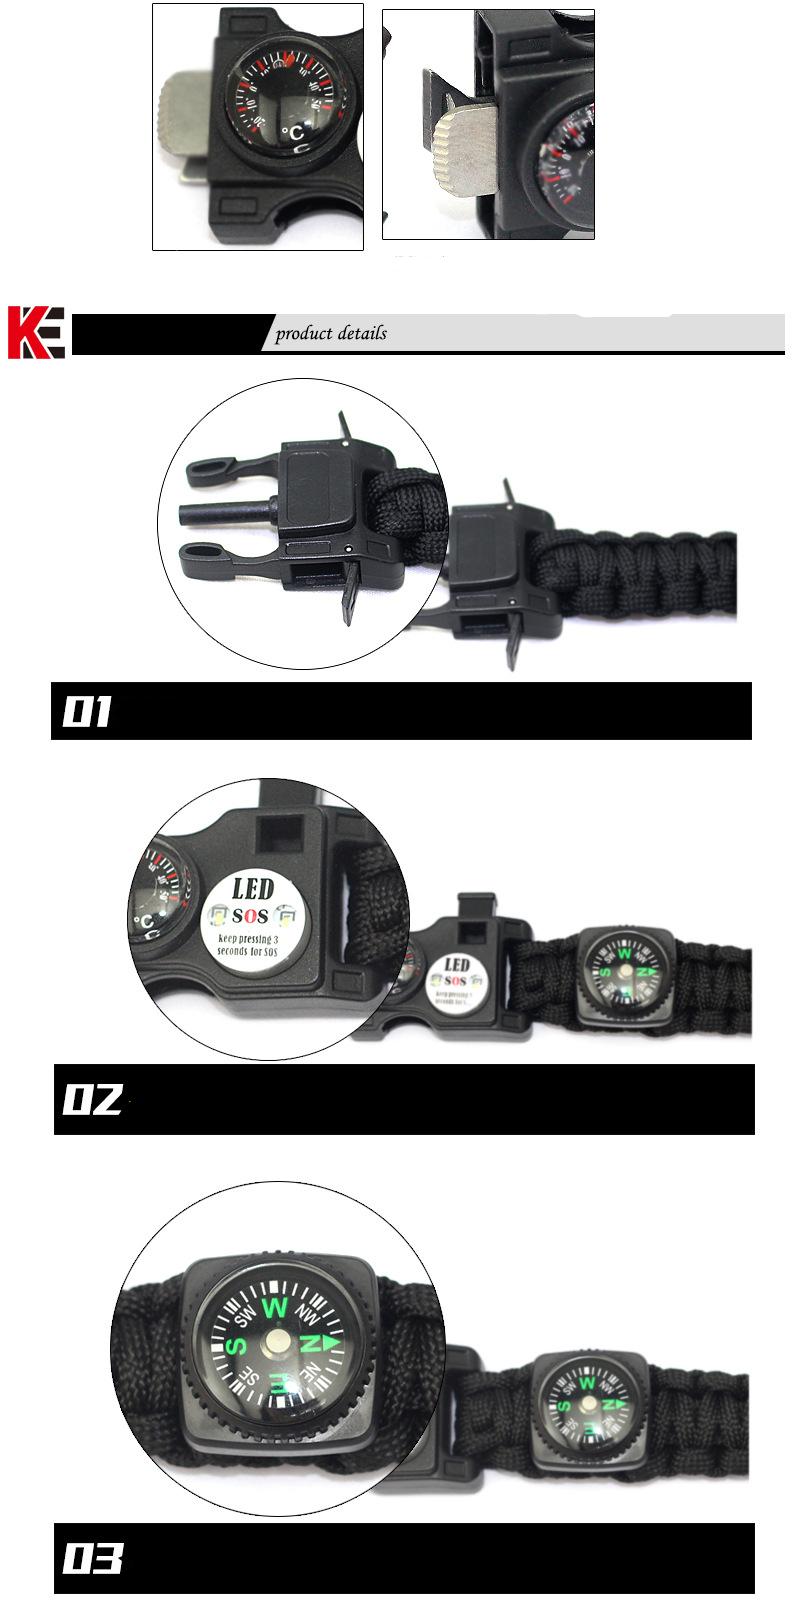 sivival-bracelet-web-2.jpg